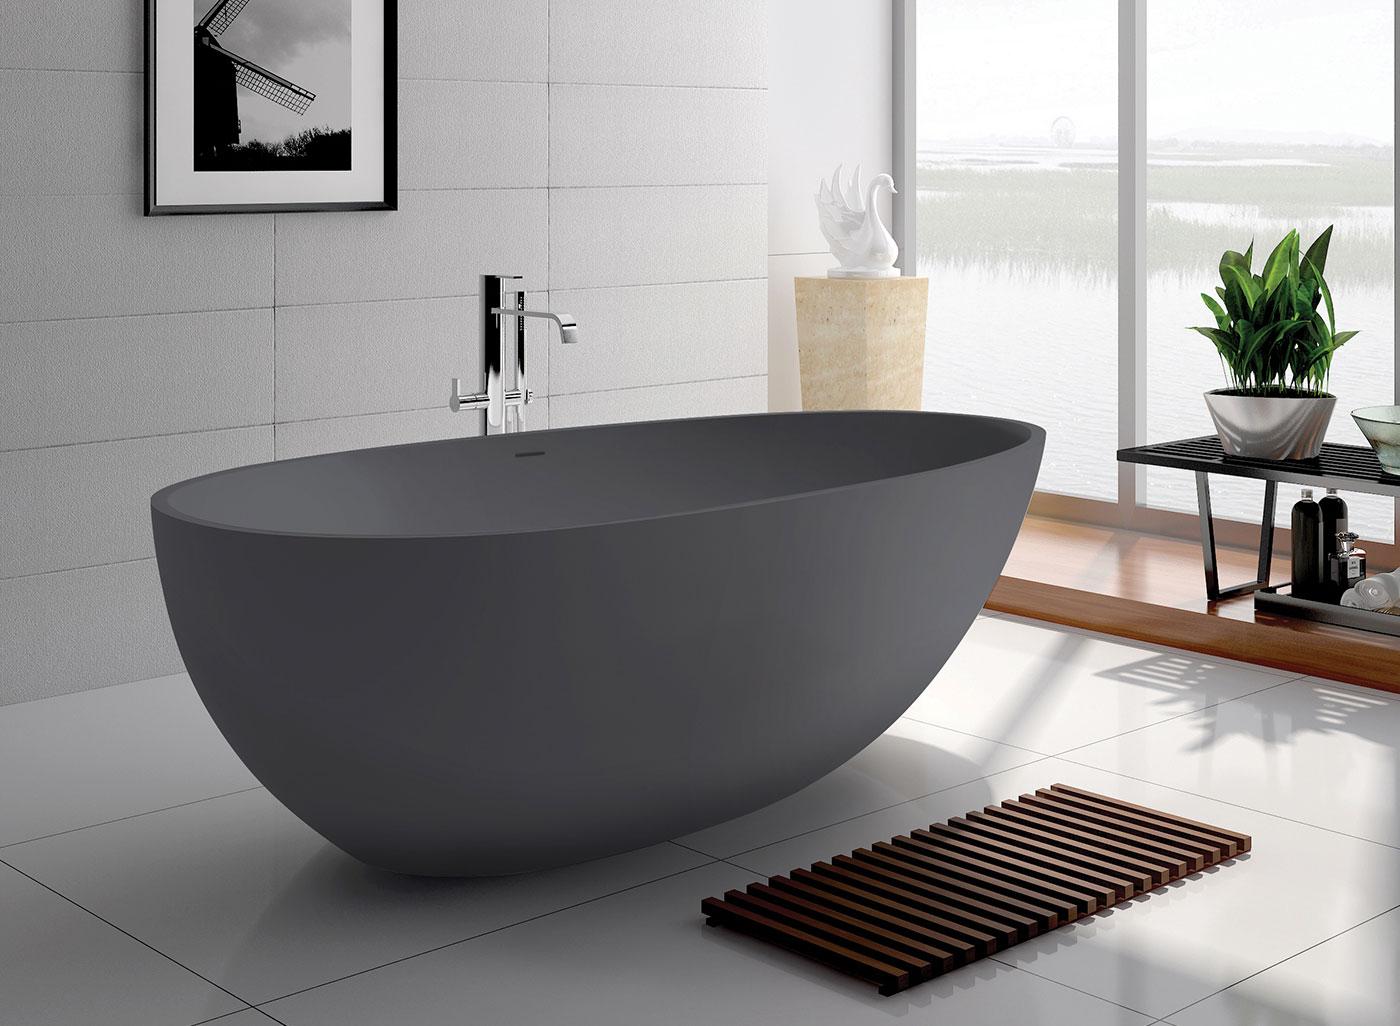 couleur sombre salle de bain baignoire ilot grise epuree